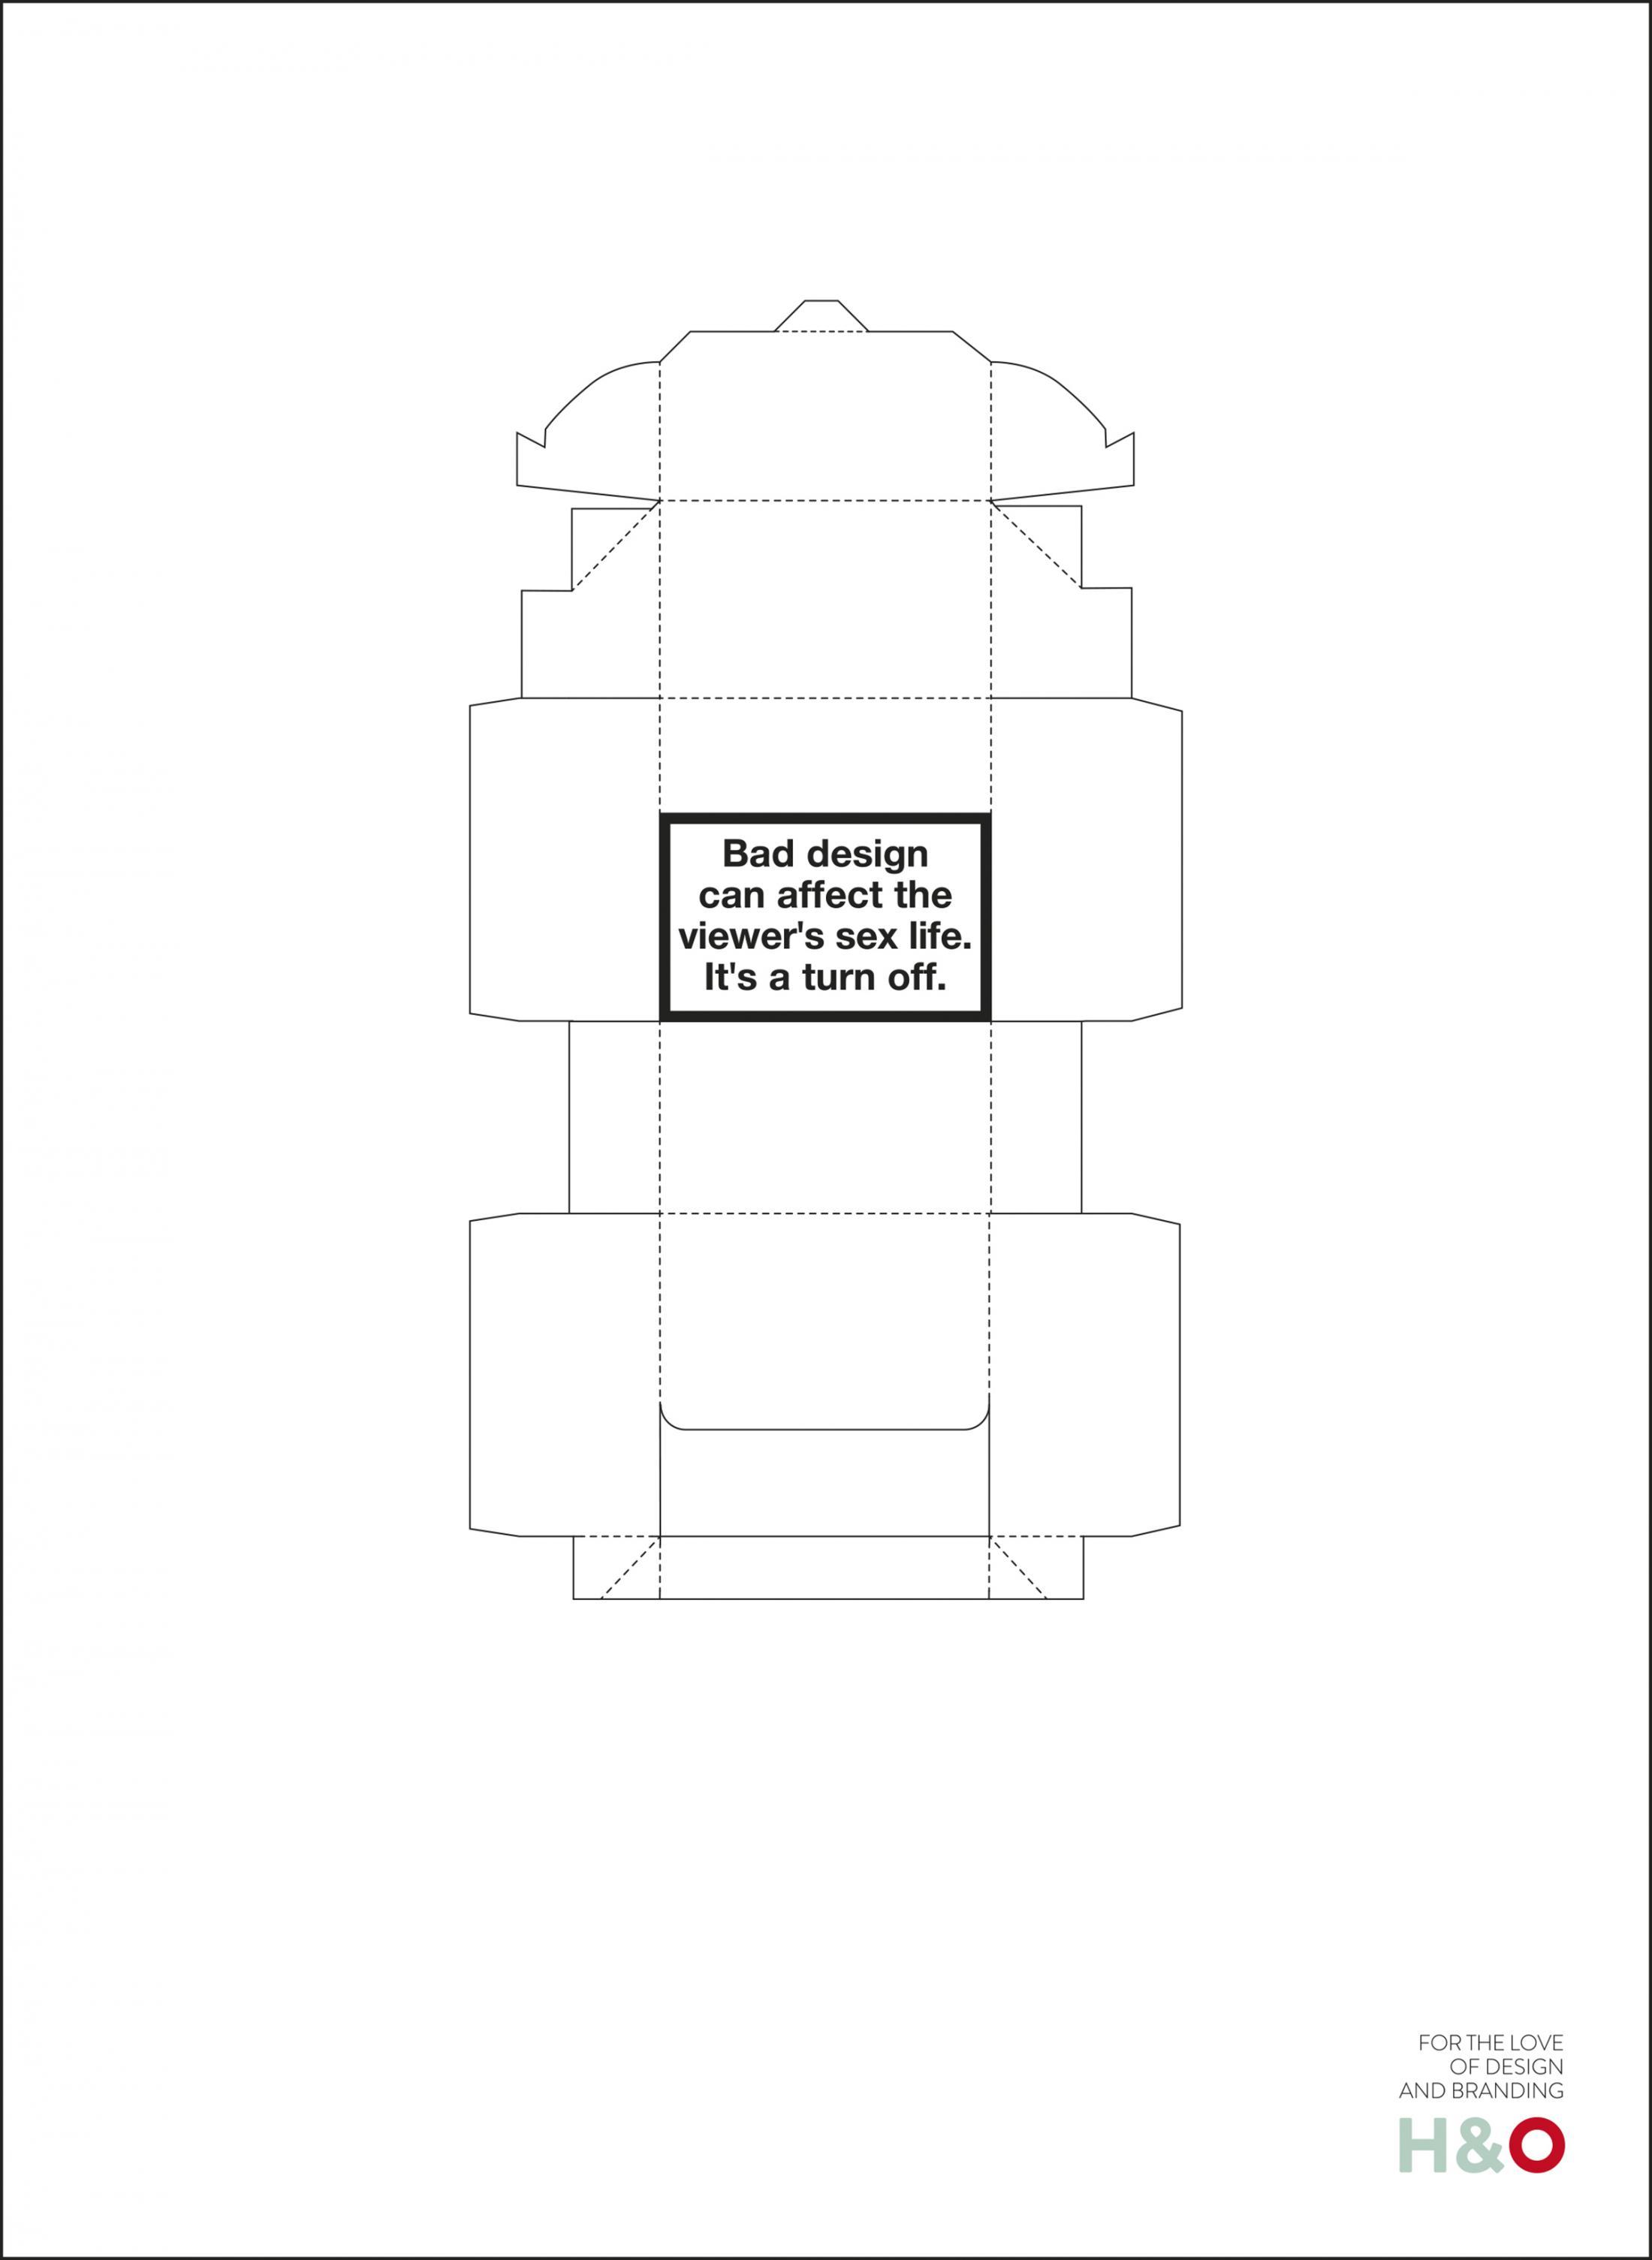 Hogarth & Ogilvy Print Ad - Sex life